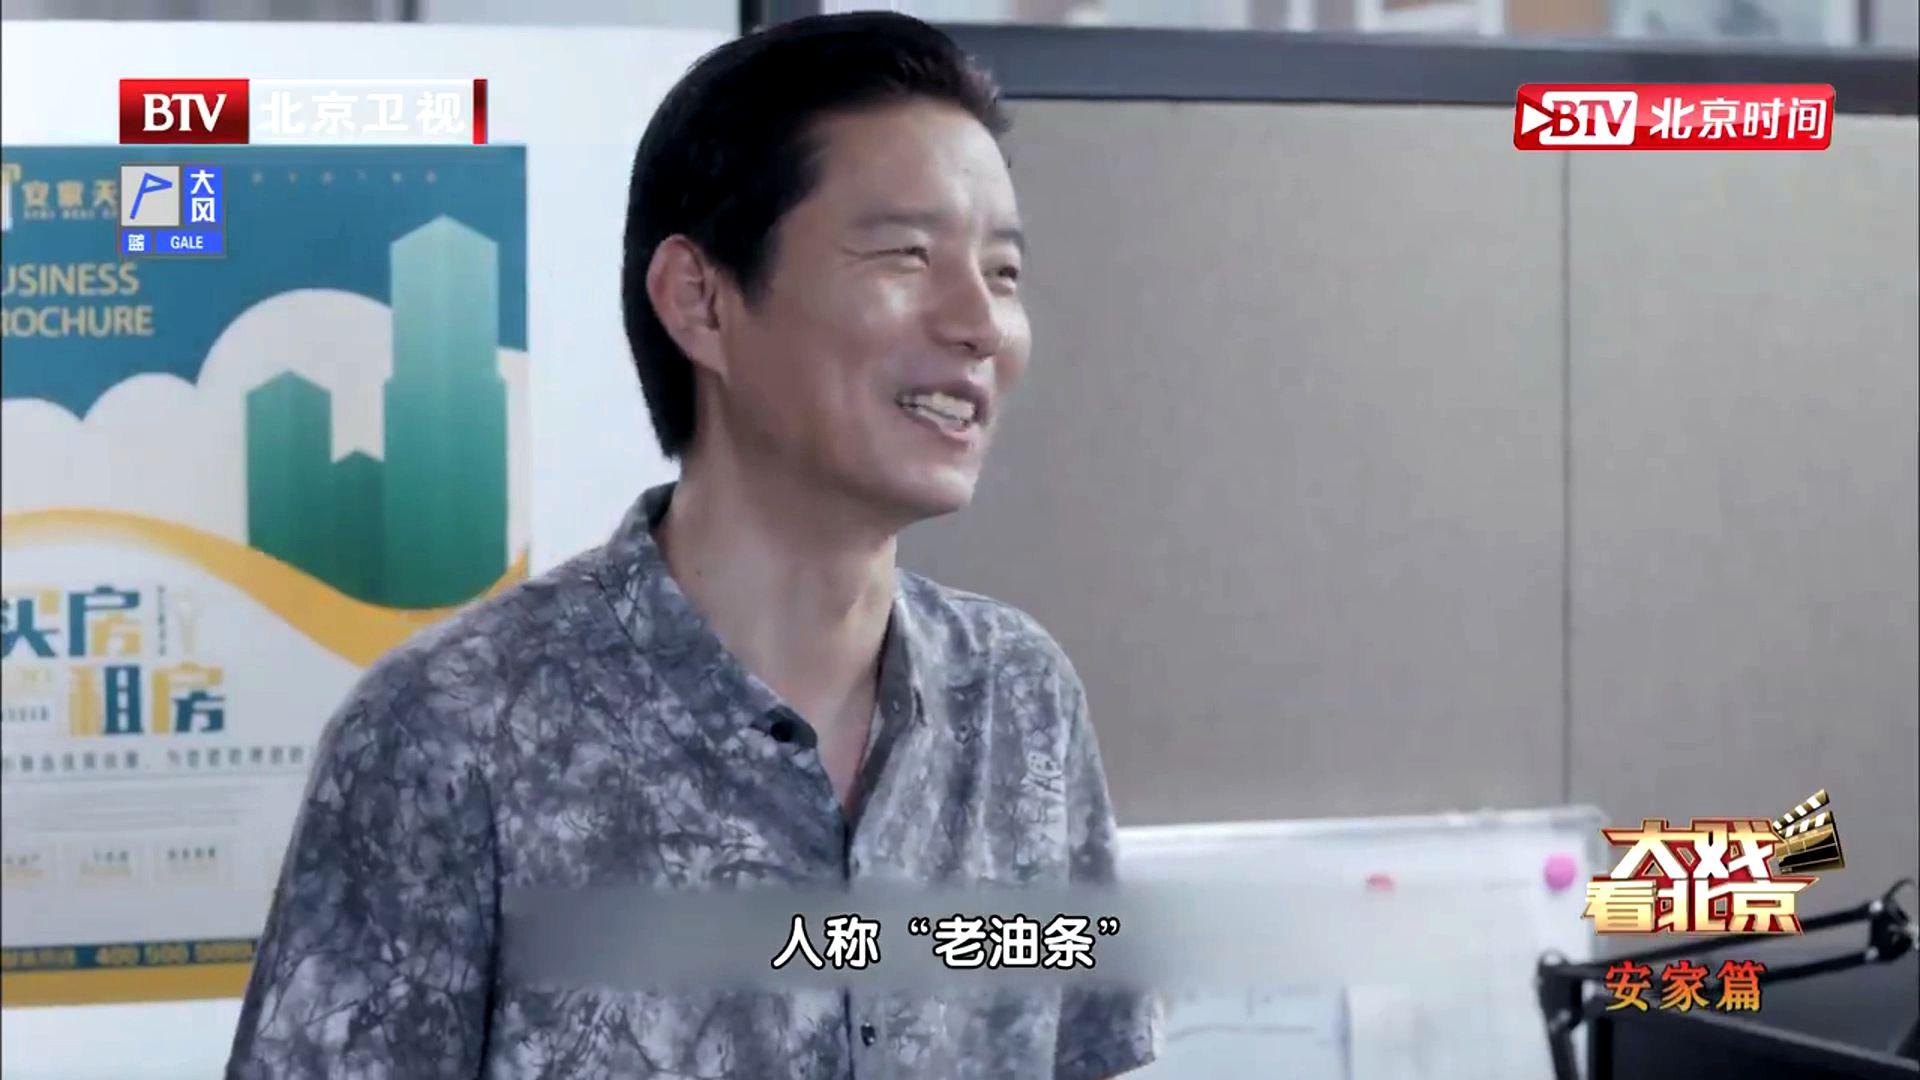 """谢亭丰是个""""老油条"""" 杨皓宇塑造角色可恨又可爱"""